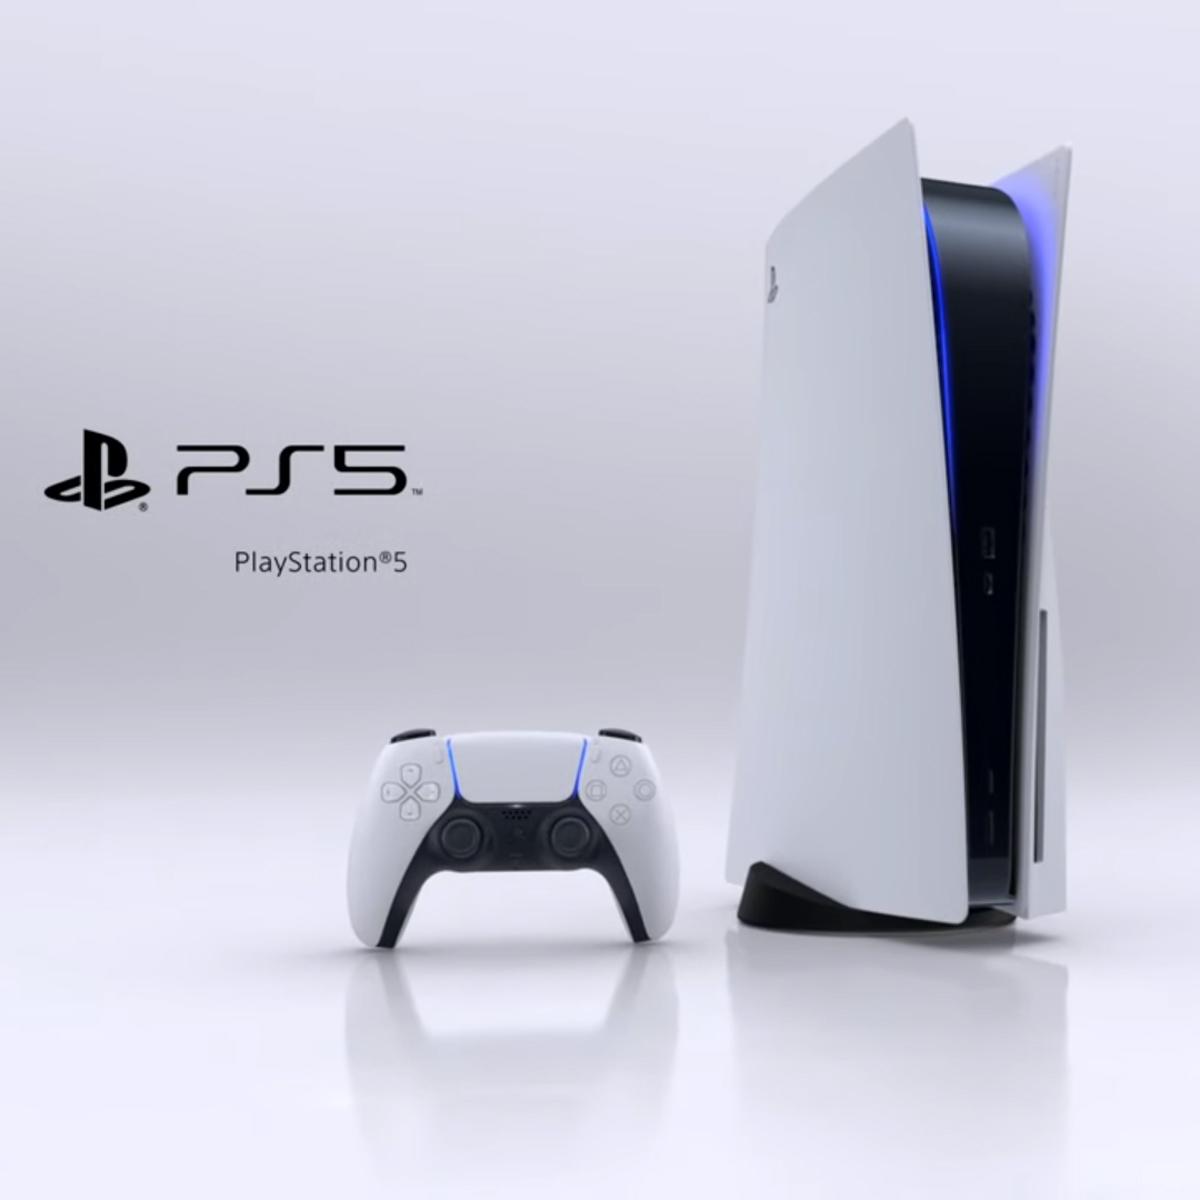 「PlayStation 5」発表会まとめ。本体初お披露目&対応タイトルが多数登場